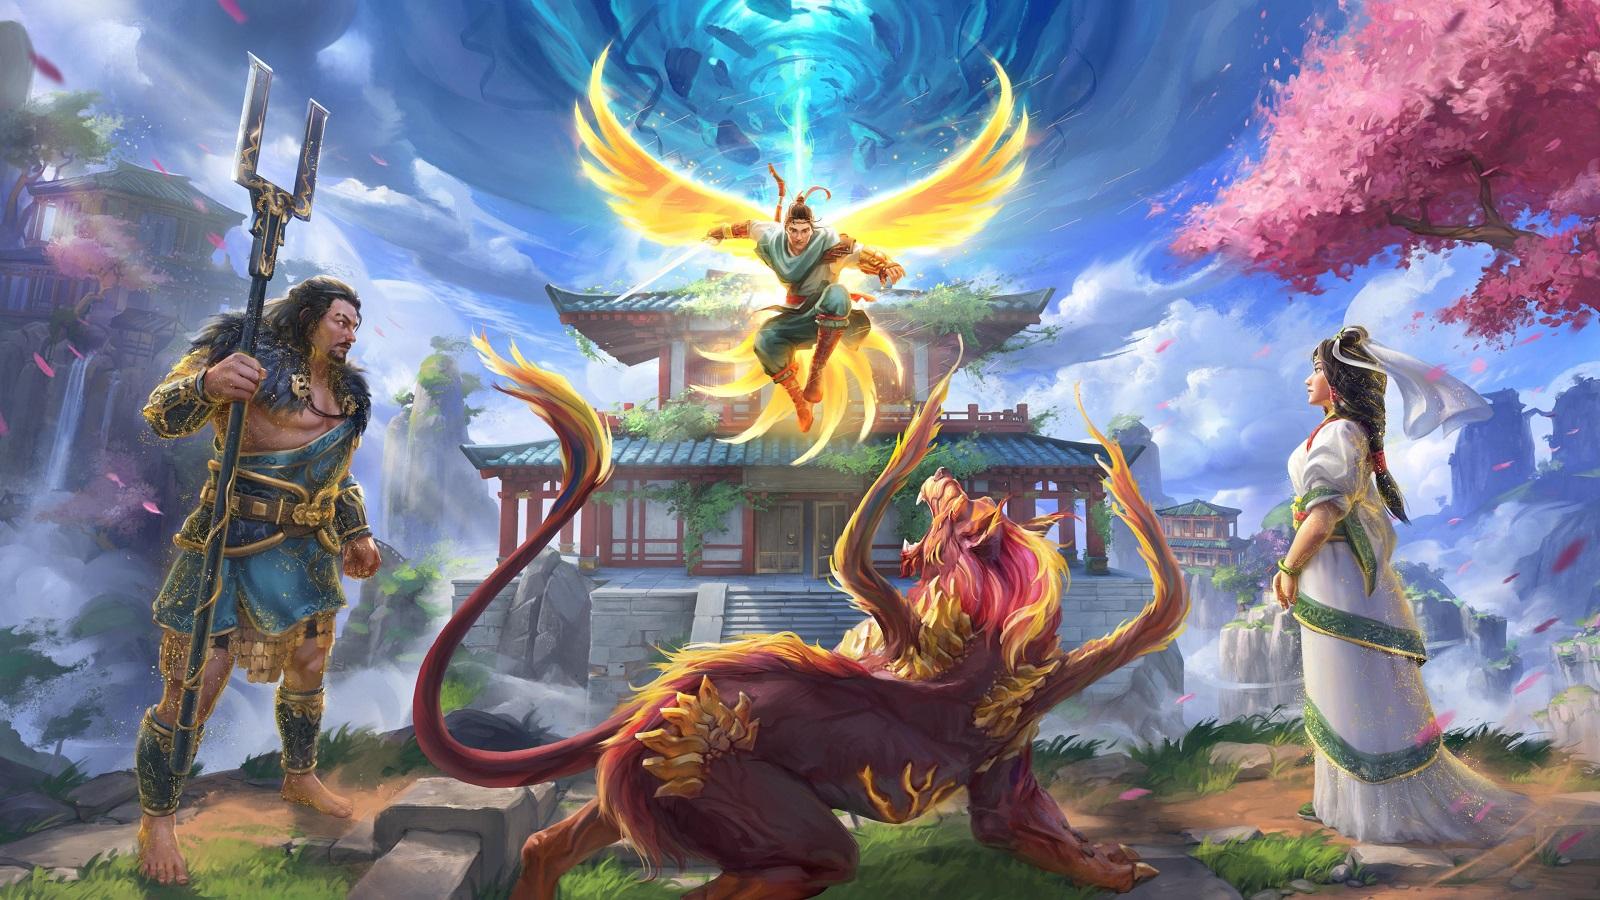 Мифы восточных земель: второе сюжетное дополнение к Immortals Fenyx Rising выйдет до конца марта